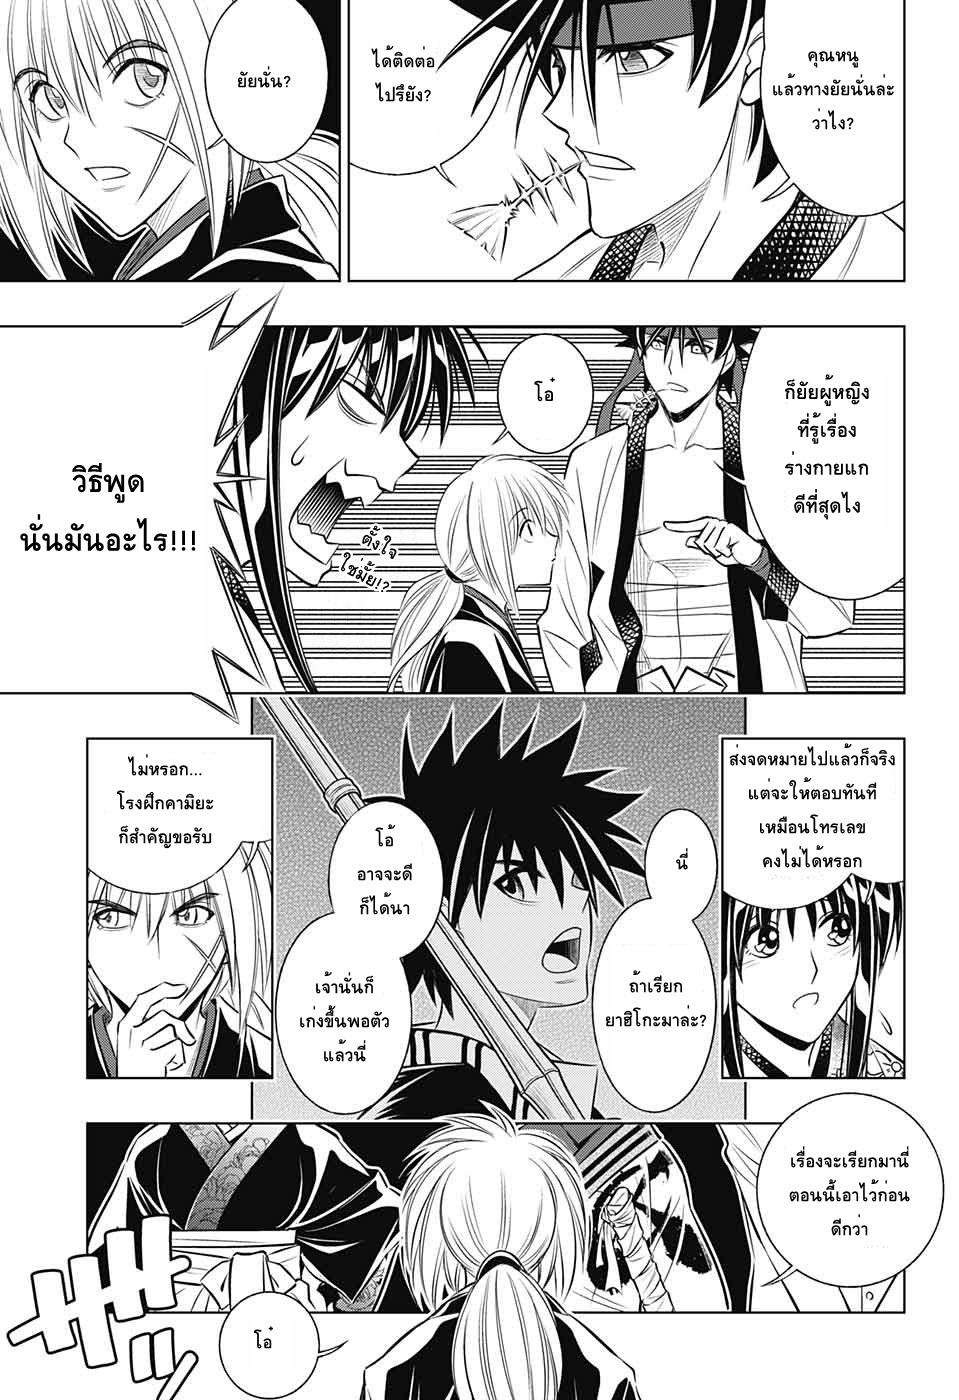 อ่านการ์ตูน Rurouni Kenshin: Hokkaido Arc ตอนที่ 13 หน้าที่ 11